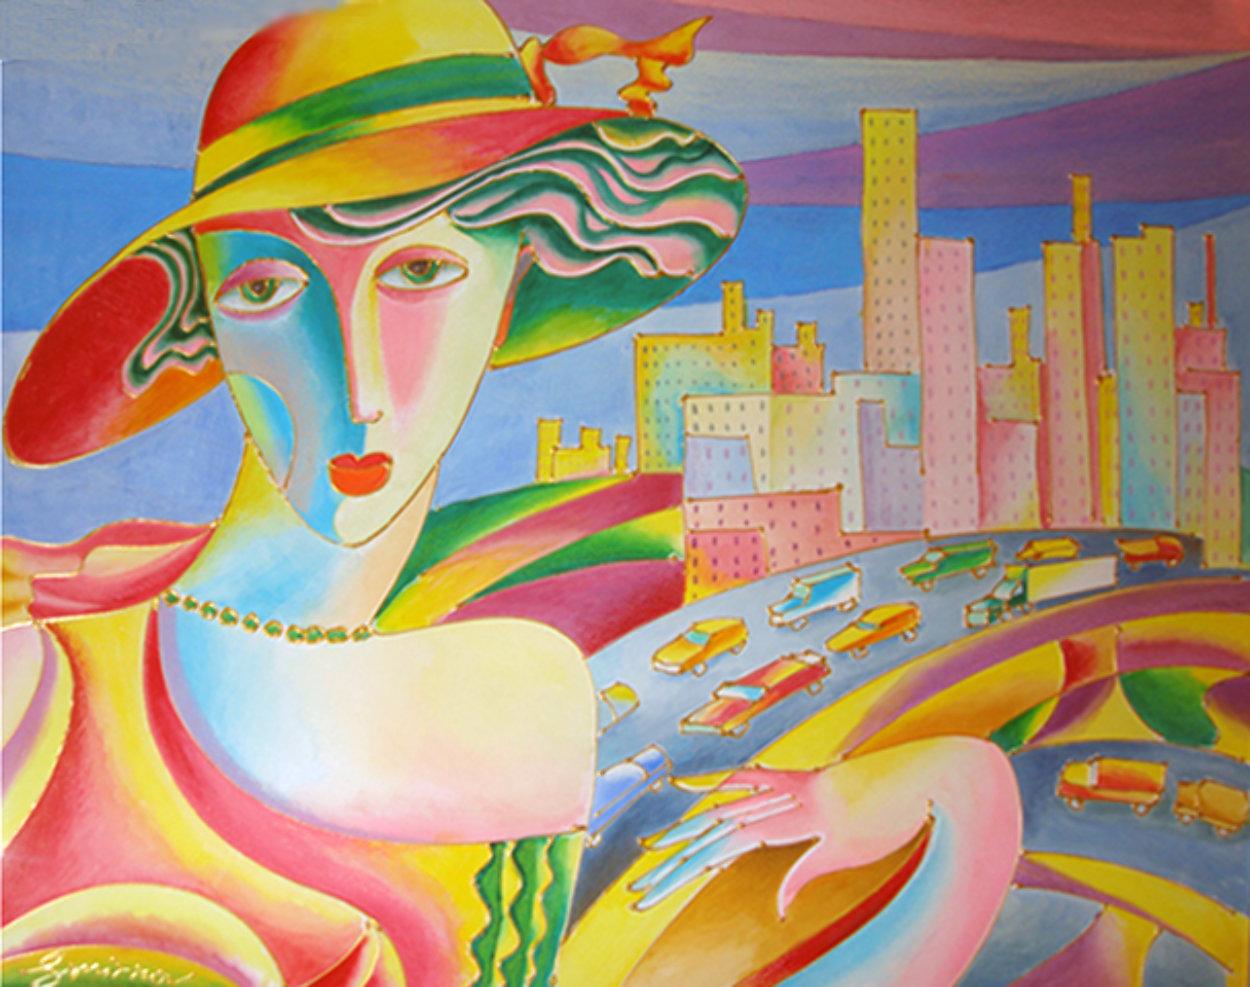 My City Watercolor 22x30 Watercolor by Igor Smirnov